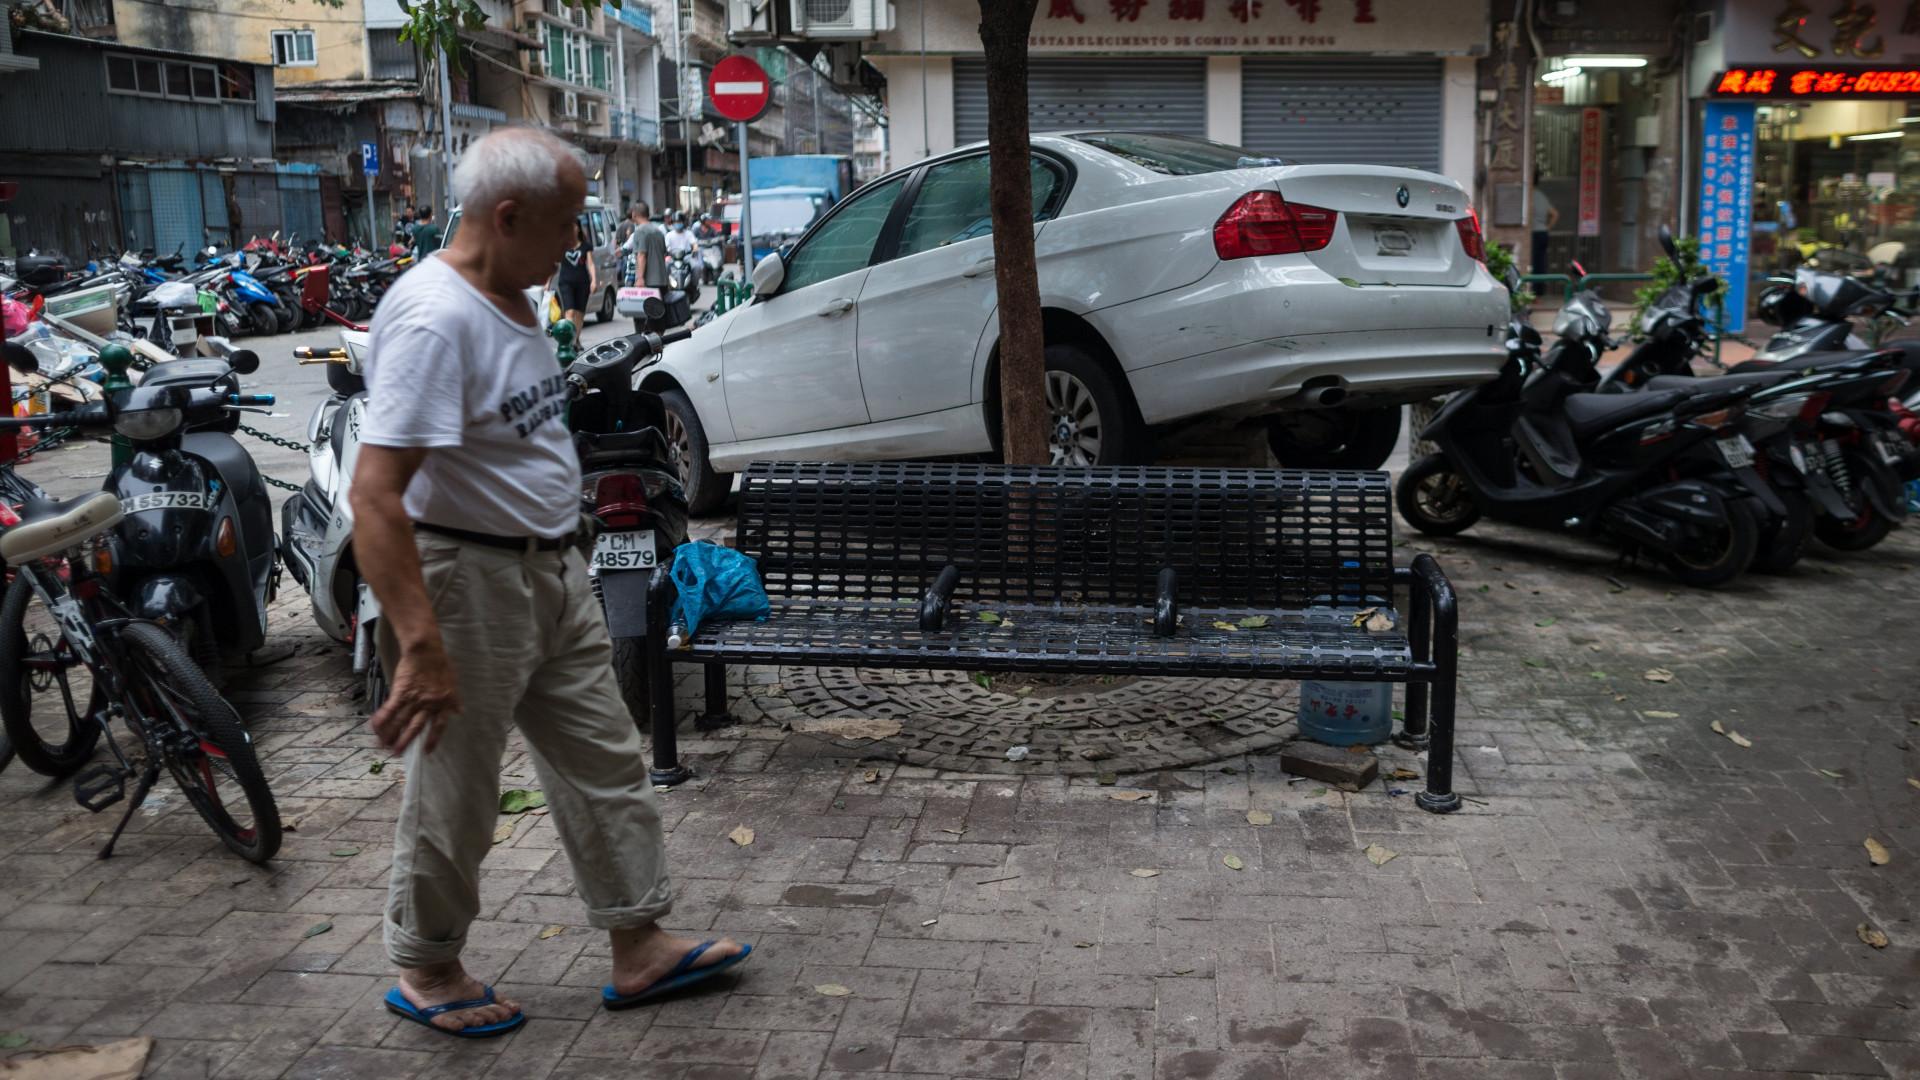 Fundação Macau concedeu mais de 60 milhões aos afetados pelo tufão Hato